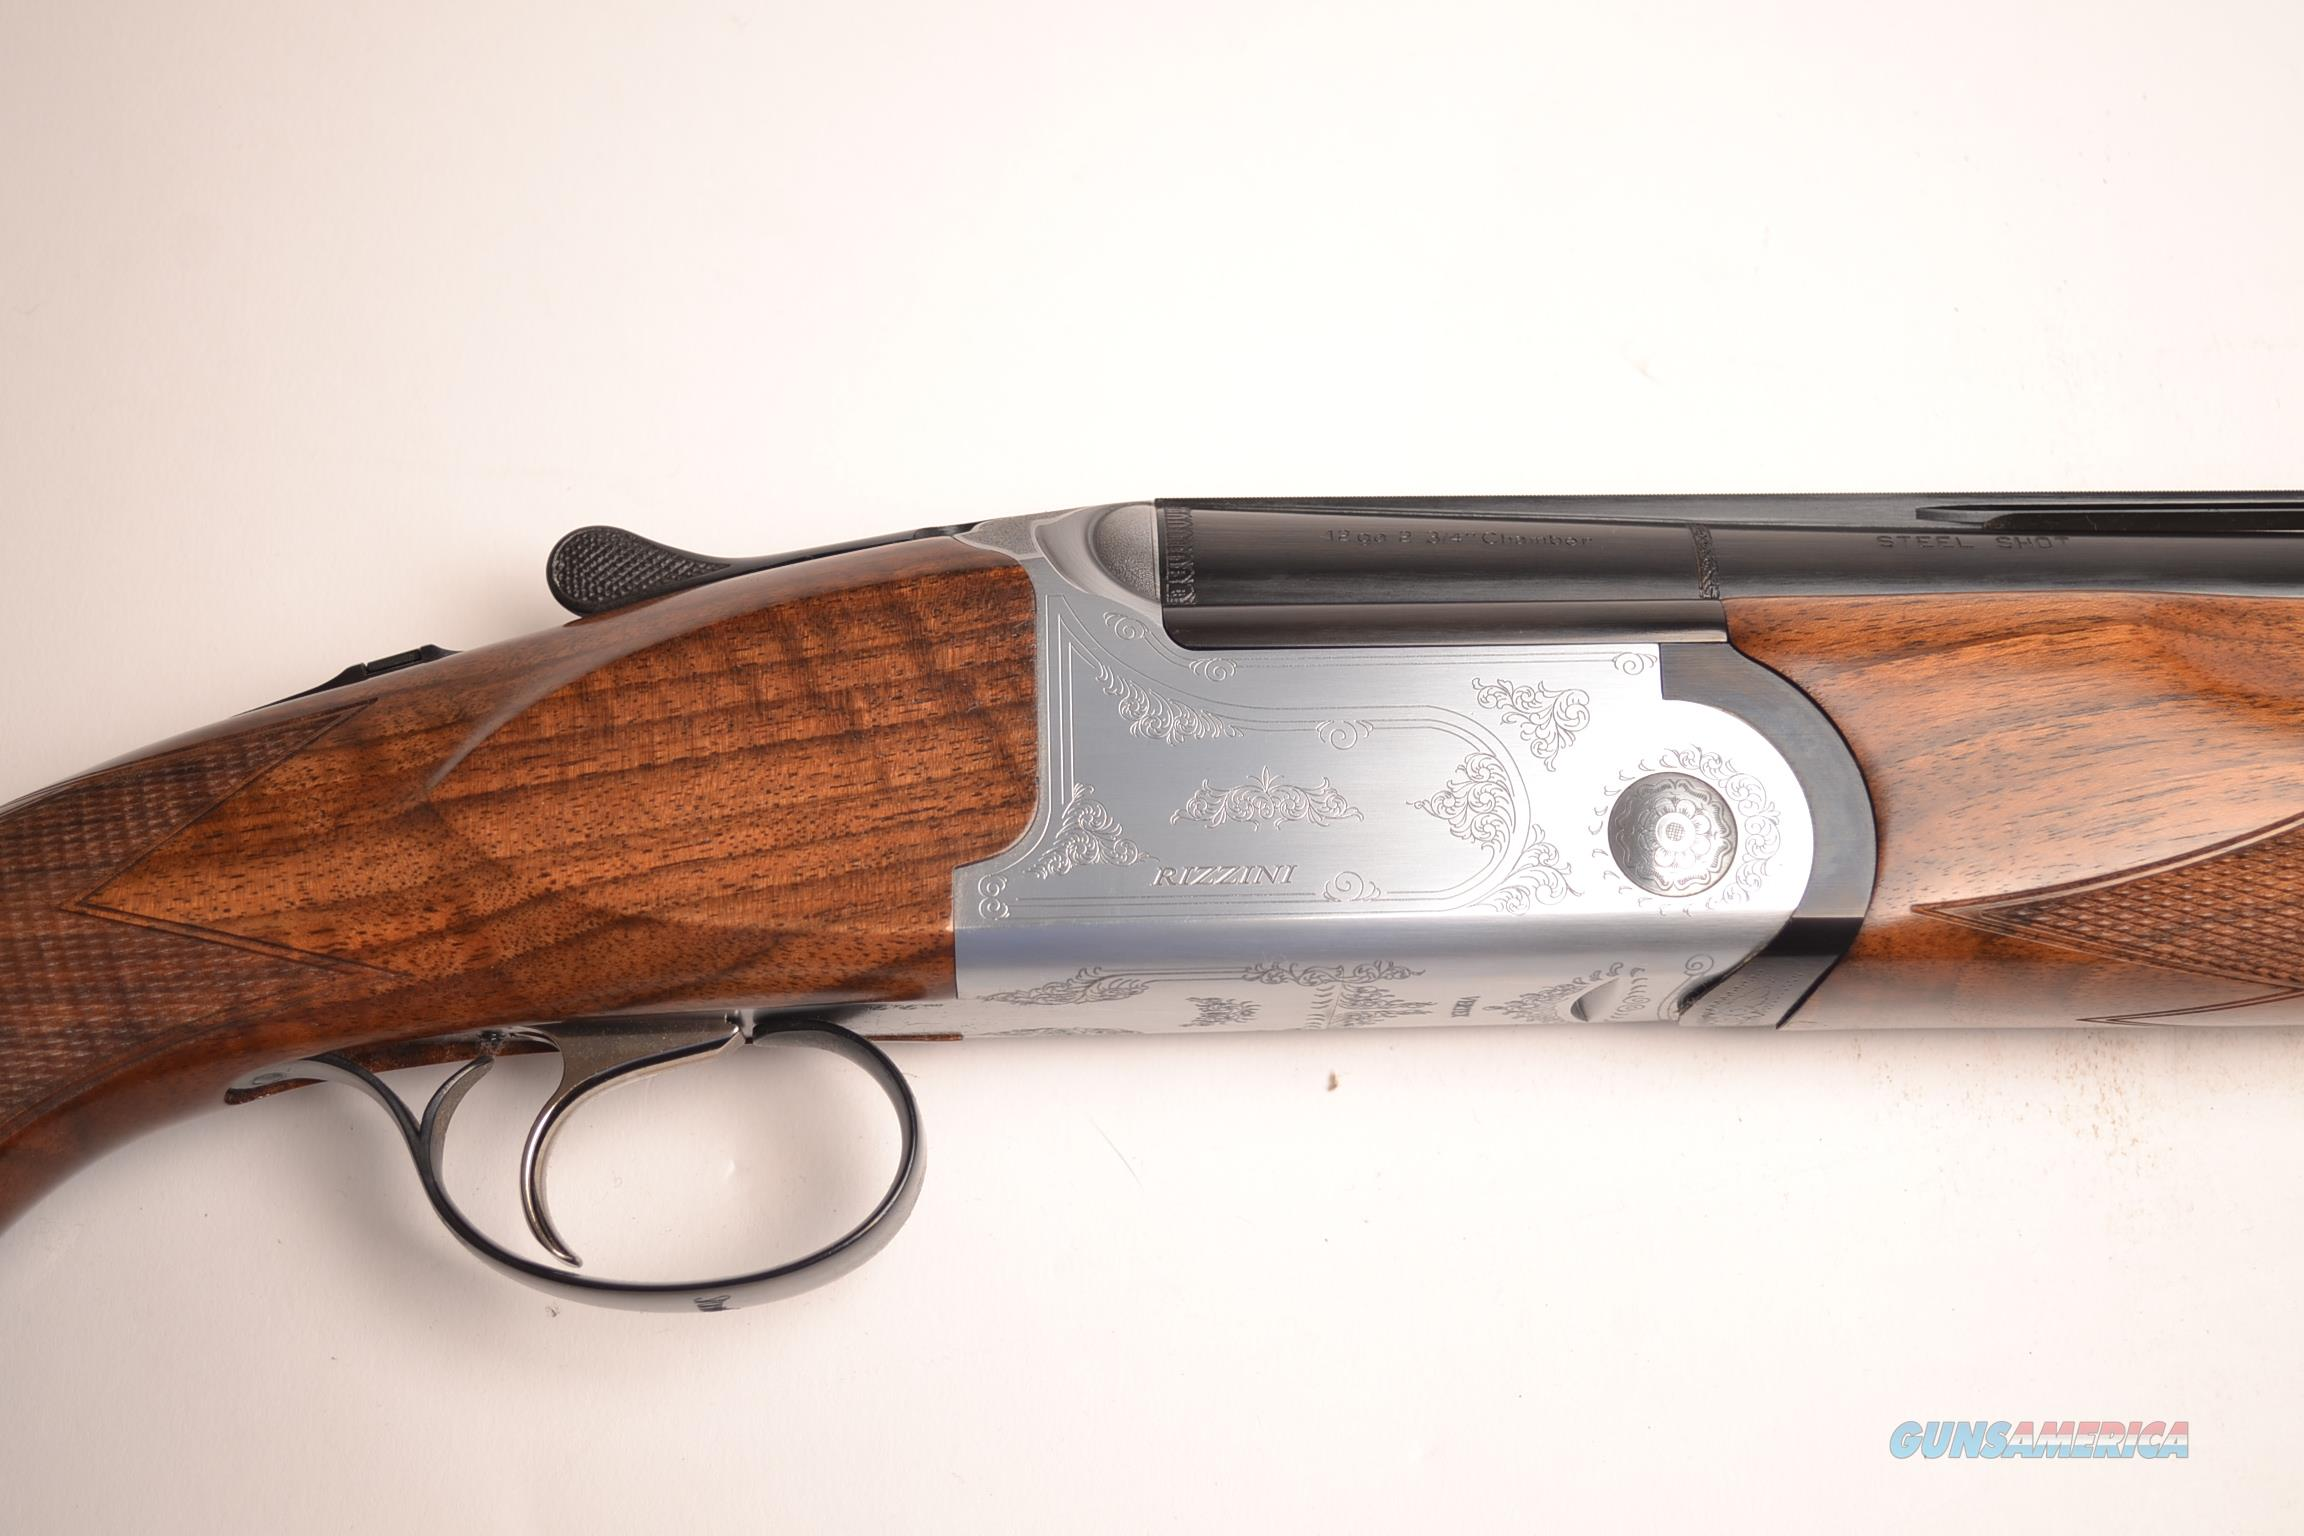 B. Rizzini - Vertex, 12ga.  Guns > Shotguns > Rizzini Shotguns